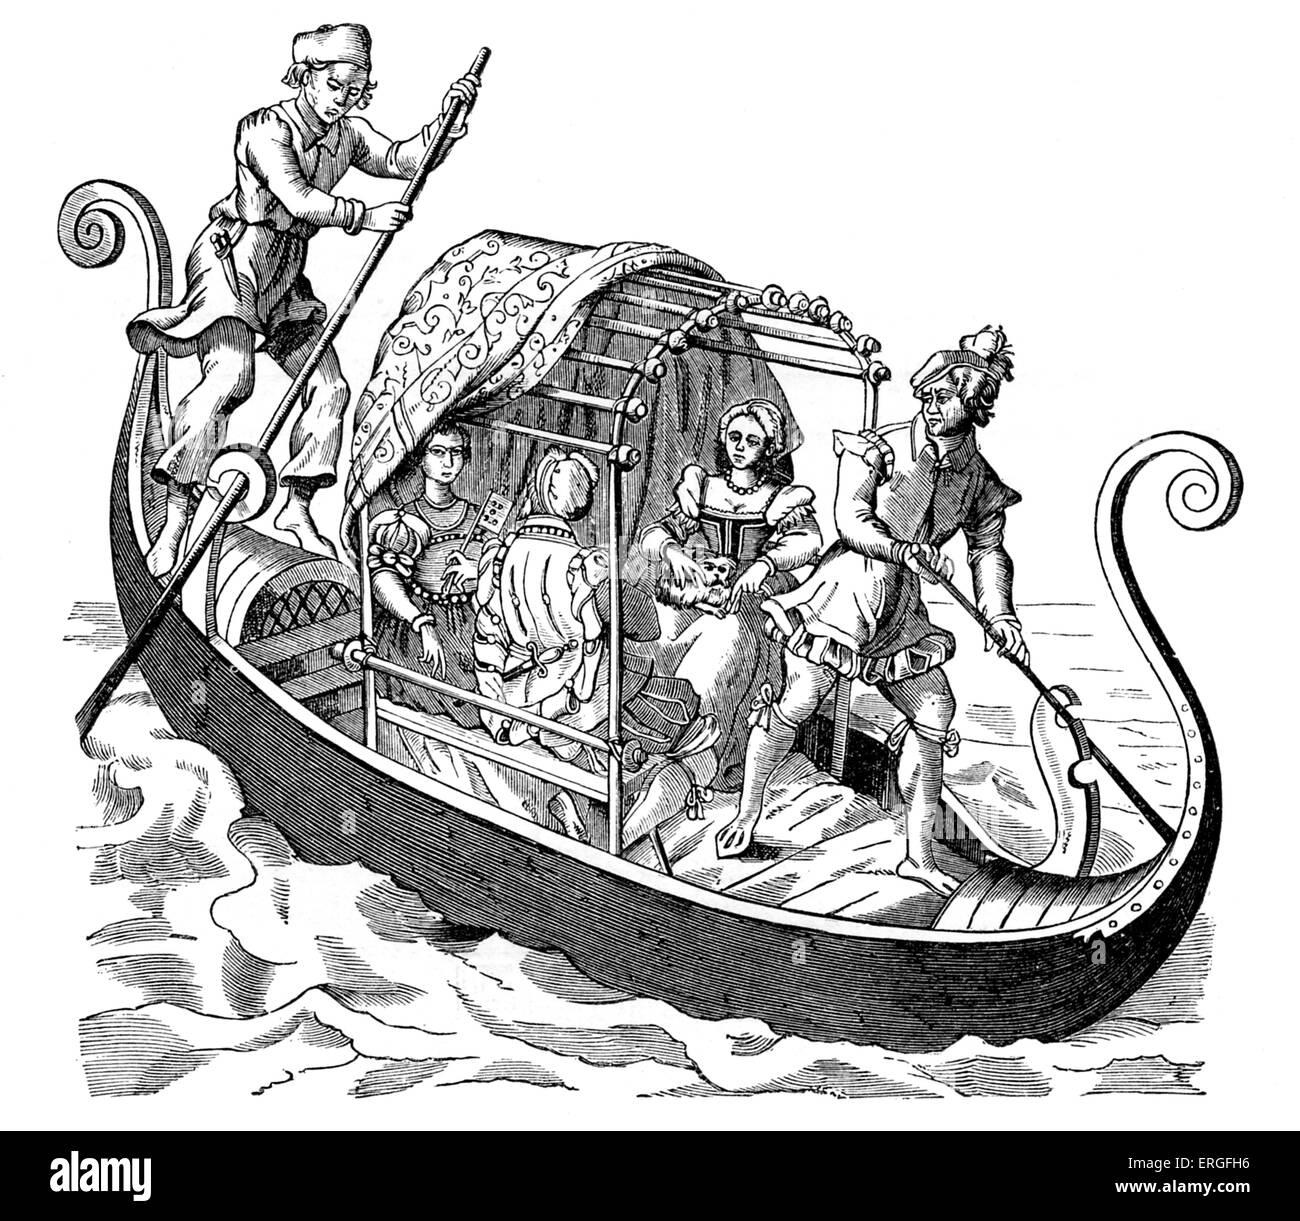 """Venezianische Gondel - zugeschrieben Jost Amman aus """"The Grand Prozession der Doge von Venedig"""". Veröffentlicht Stockbild"""